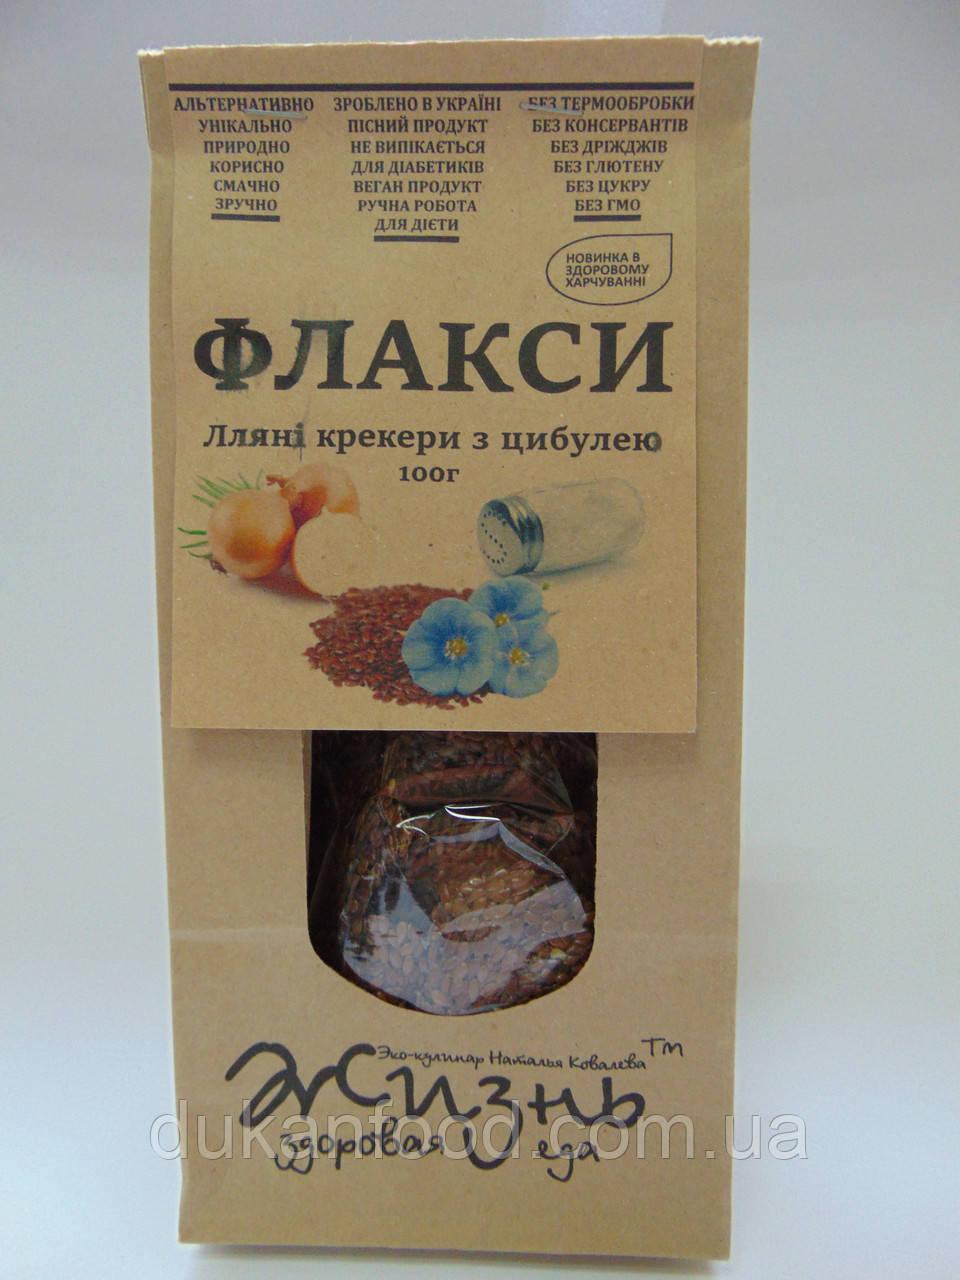 Льняные хлебцы - ФЛАКСЫ с ЛУКОМ